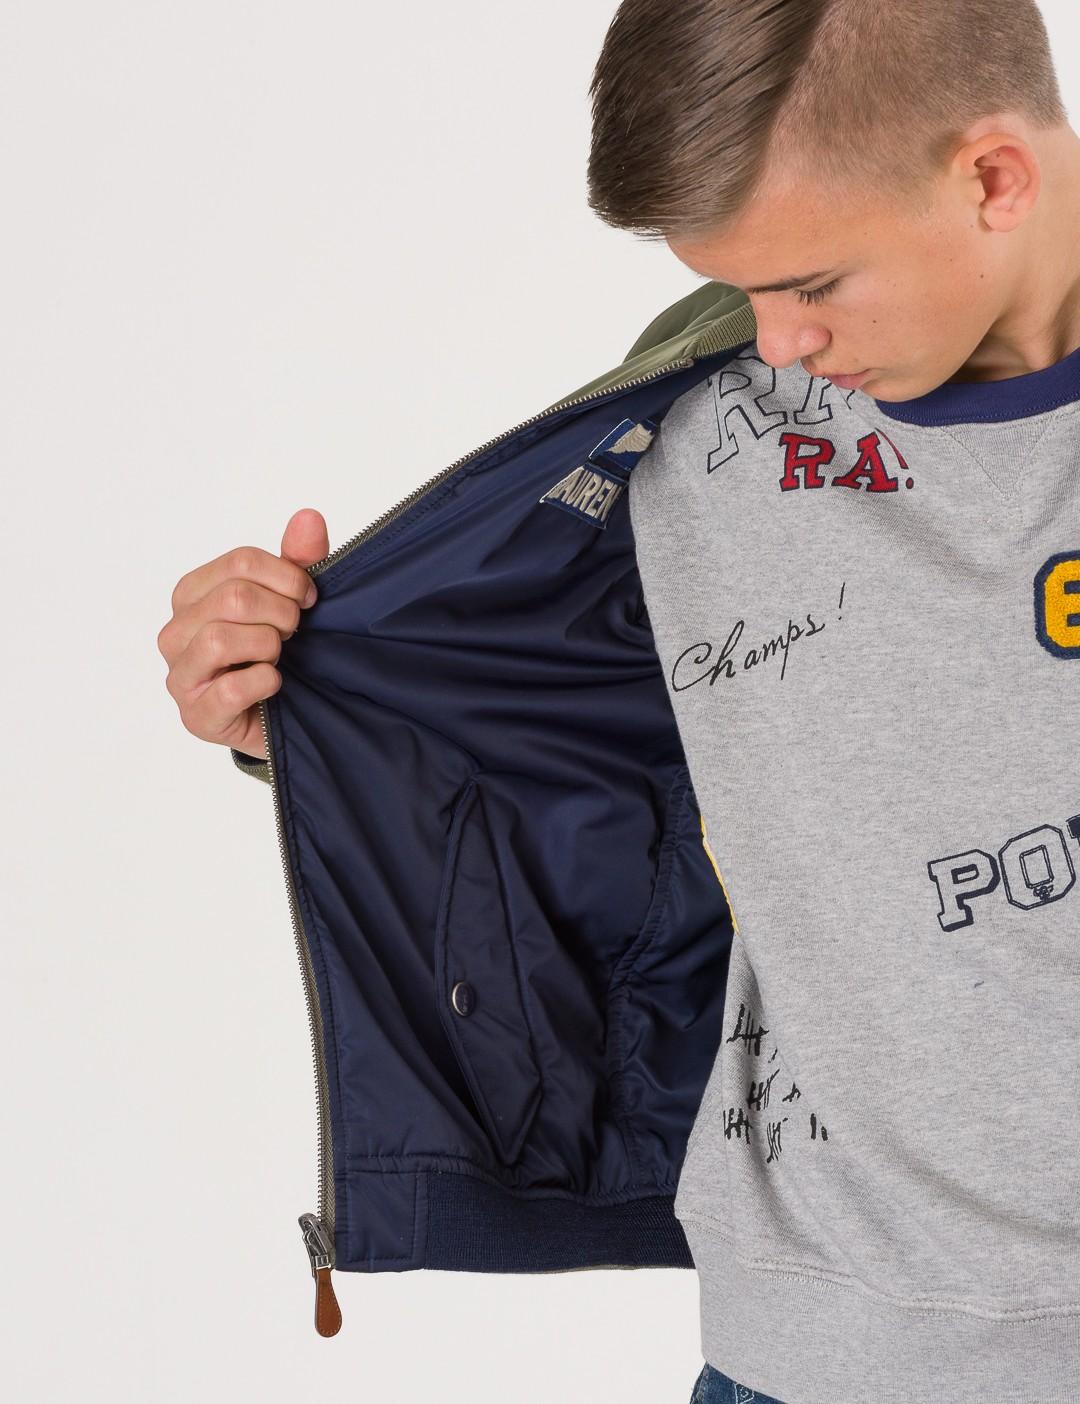 2a896a7f398 low price polo ralph lauren 849b8 434a9; purchase ralph lauren revers jacket  2a8d8 b442a